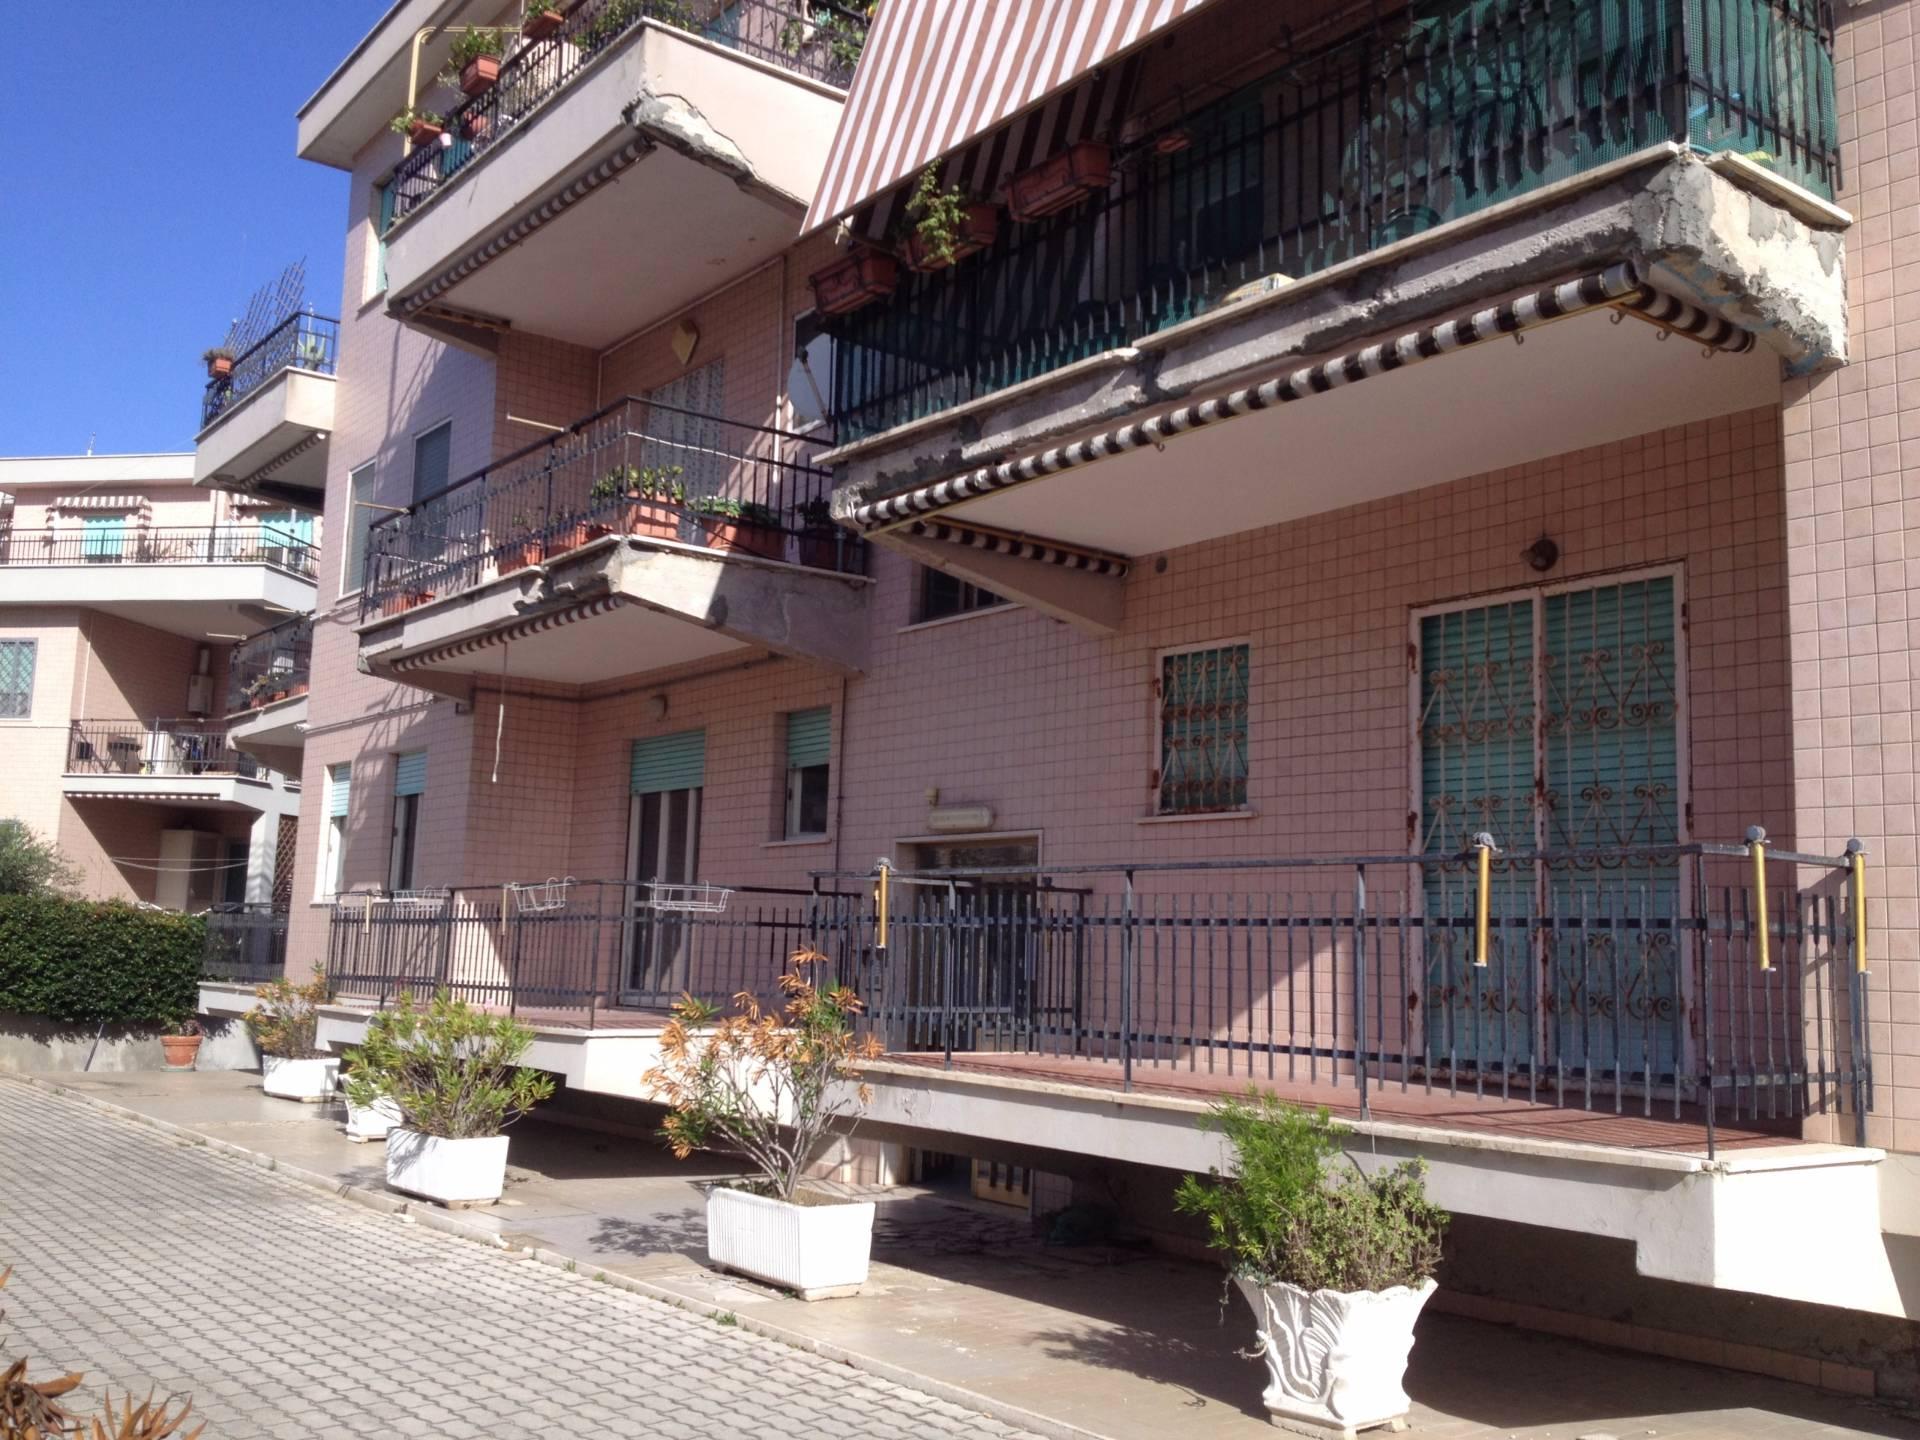 Appartamento in affitto a Nettuno, 3 locali, zona Zona: Poligono, prezzo € 550 | Cambio Casa.it